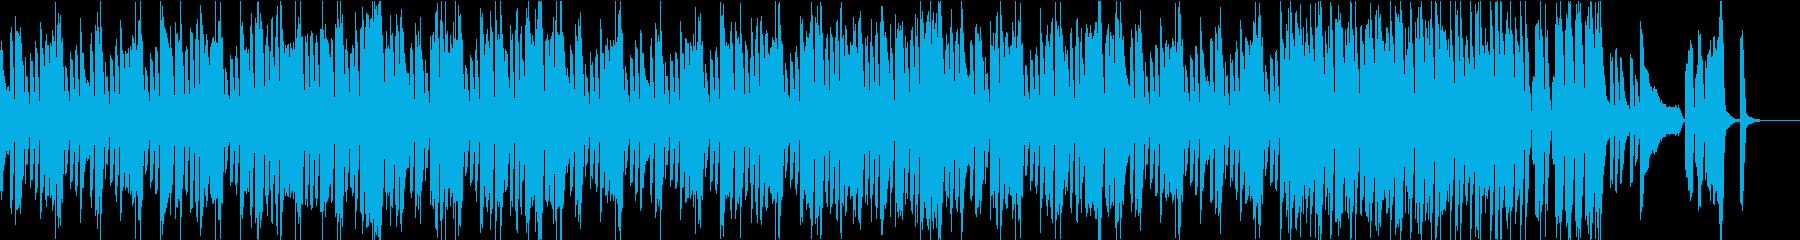 ピアノと和太鼓の軽快コミカルな和風BGMの再生済みの波形